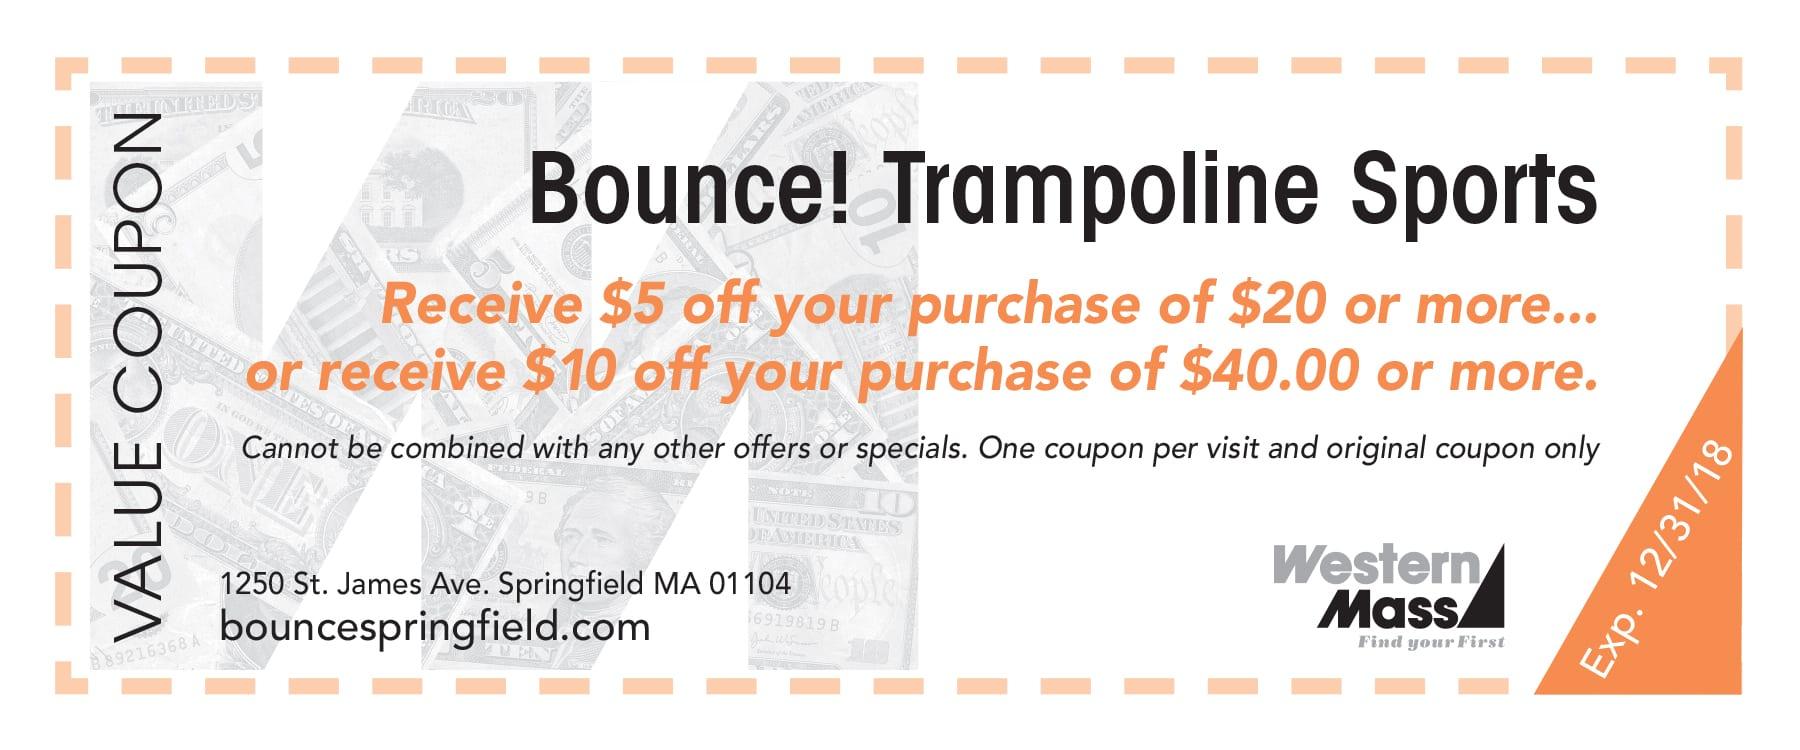 Bounce! Trampoline Sports